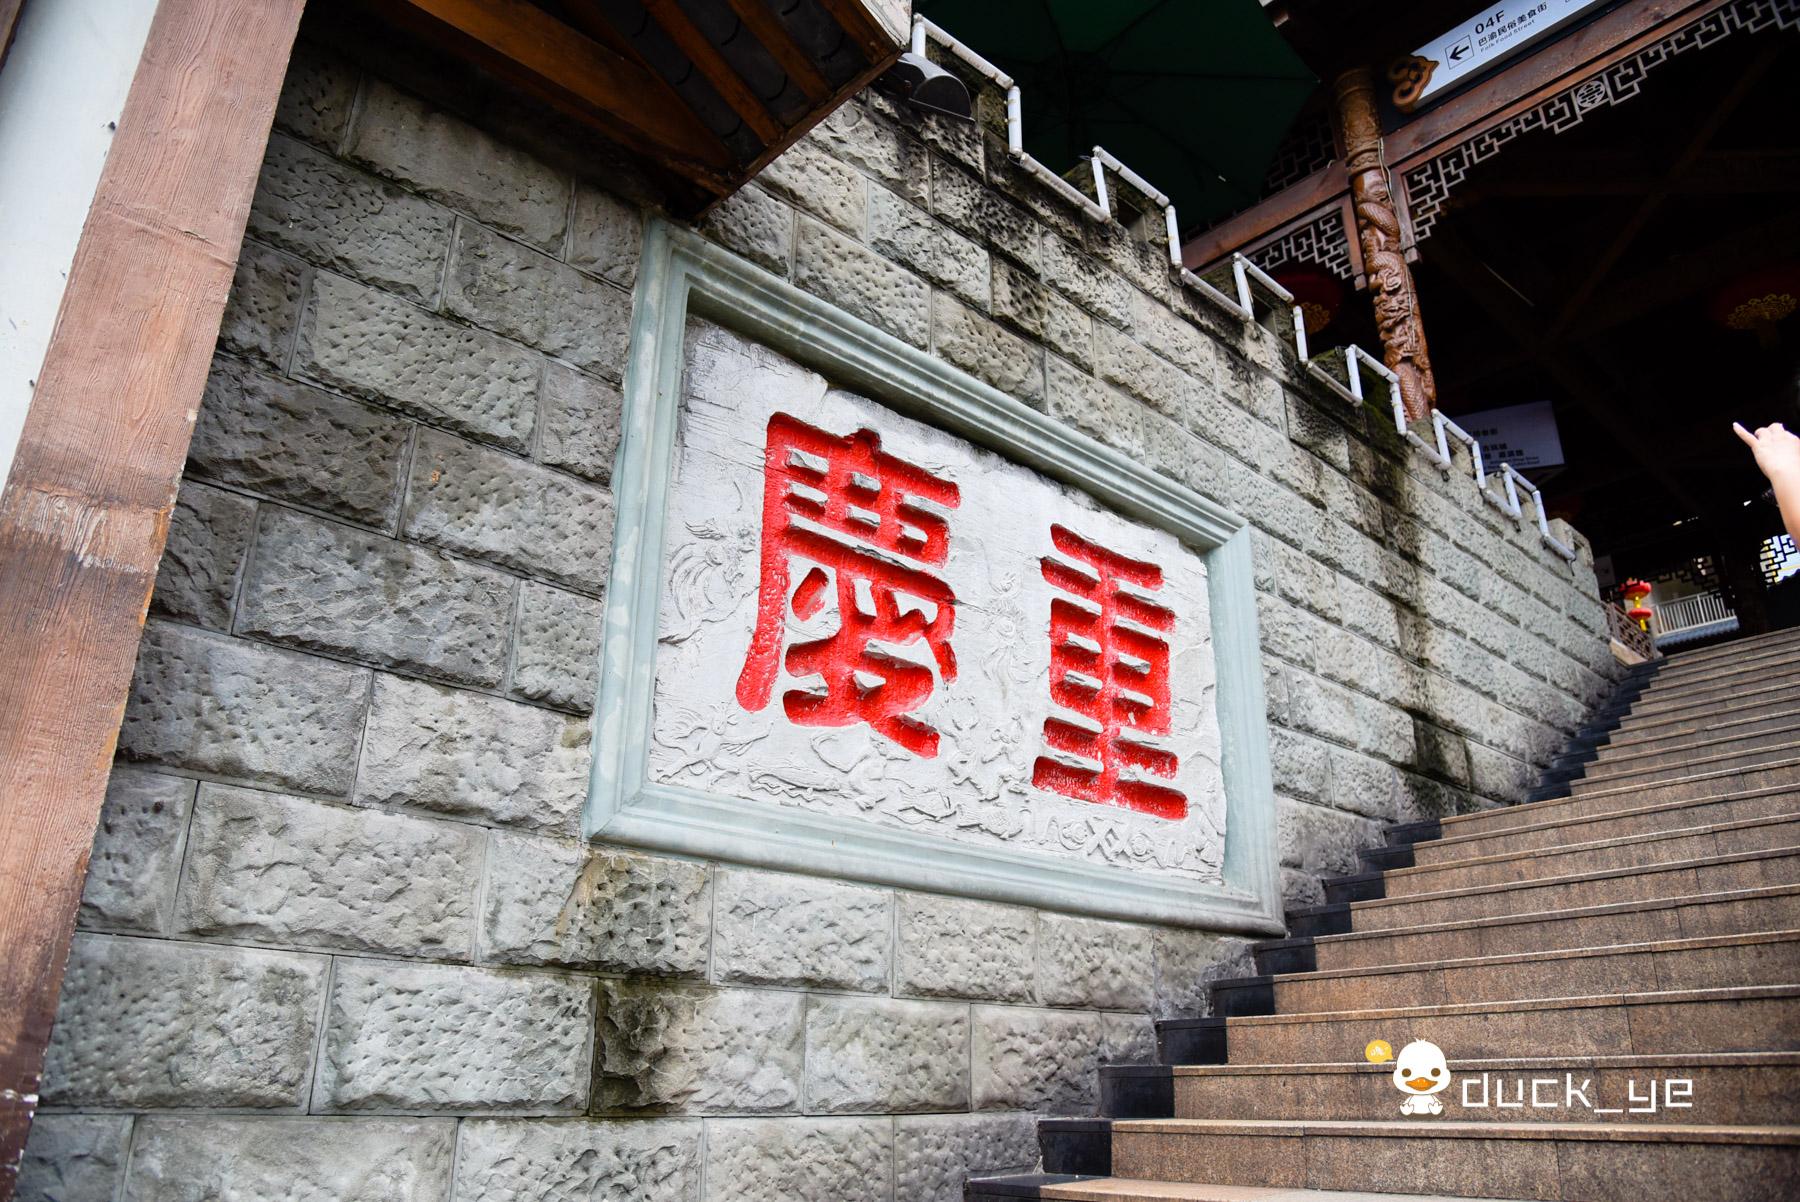 魔幻山城重庆,被誉为最贴心的旅游城市,国庆假期人多到上热搜